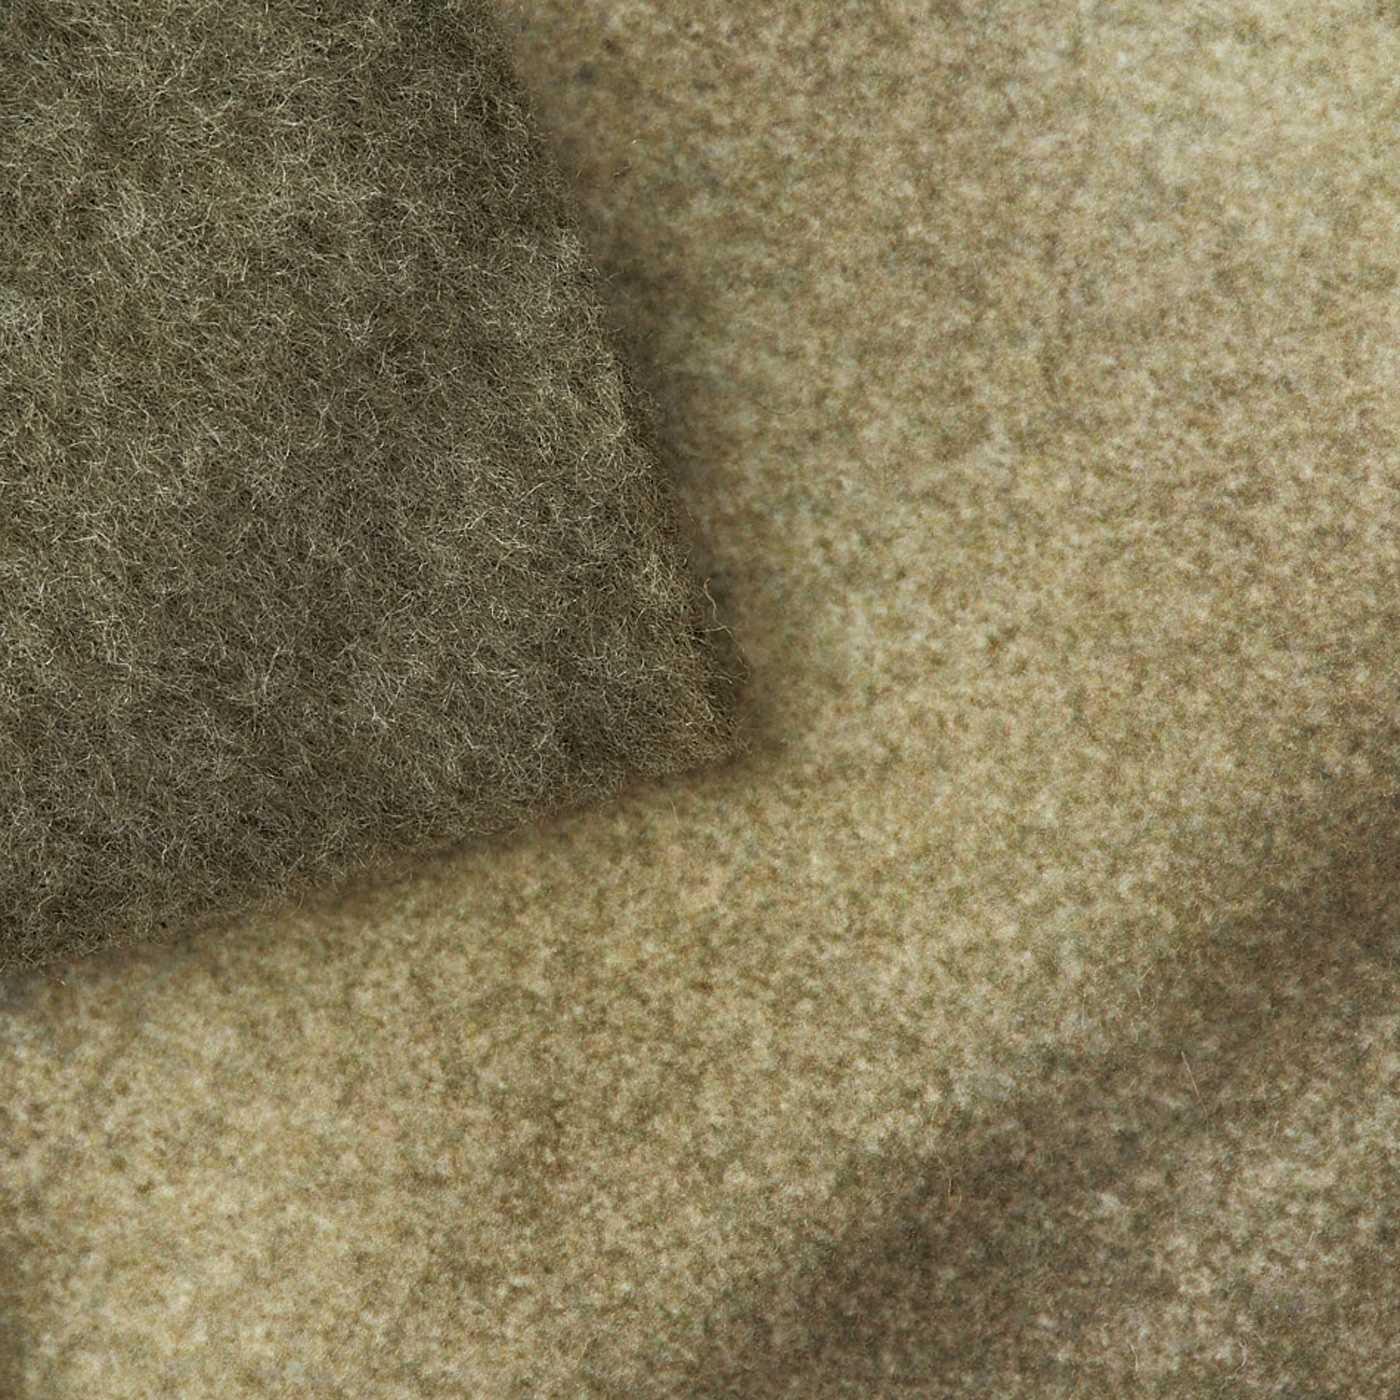 身生地はやわらかな微起毛素材。背びれ・ツメはフェルト素材。